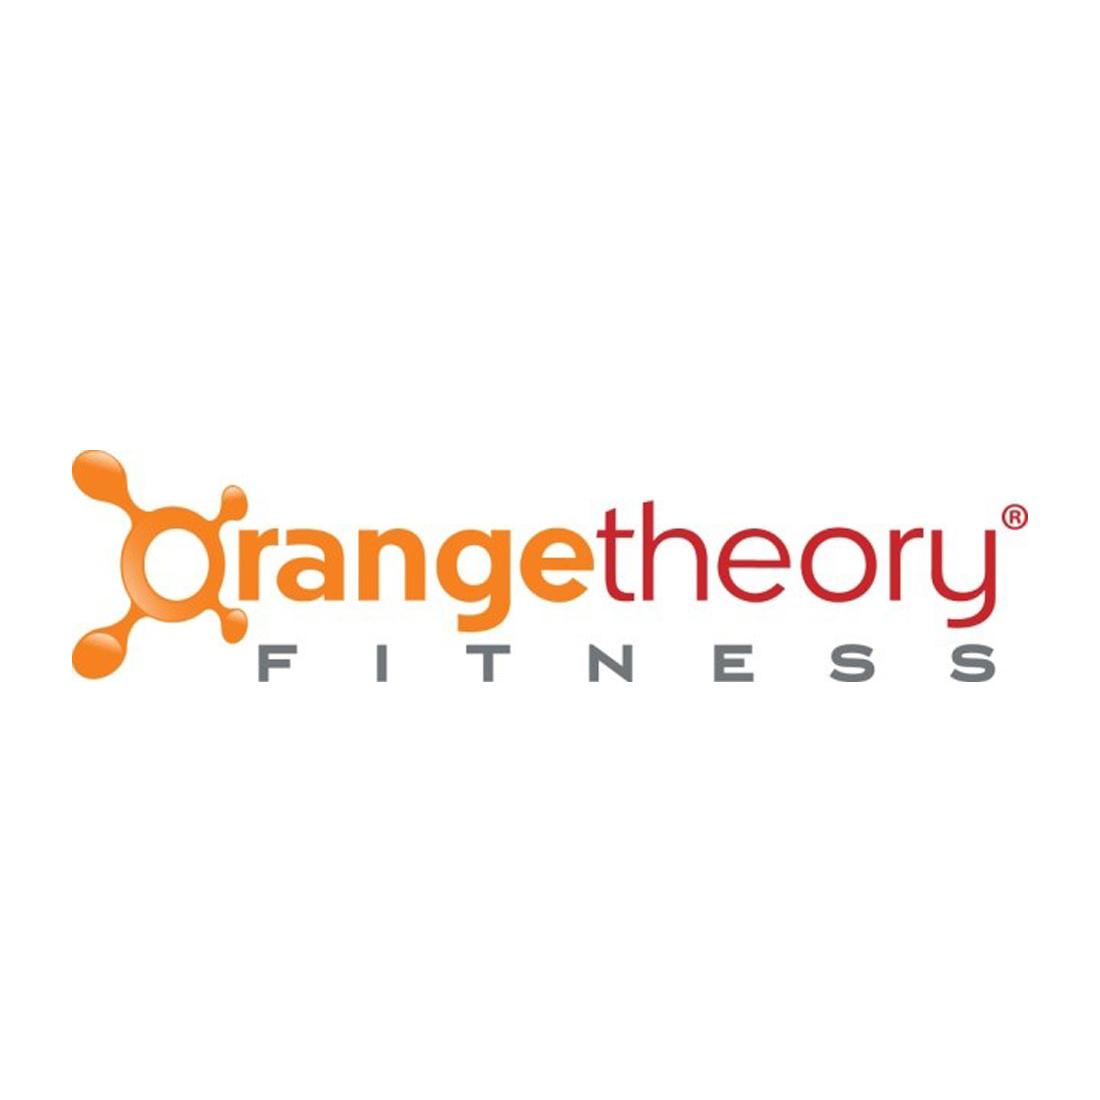 Orangetheory-Fitness-5x5